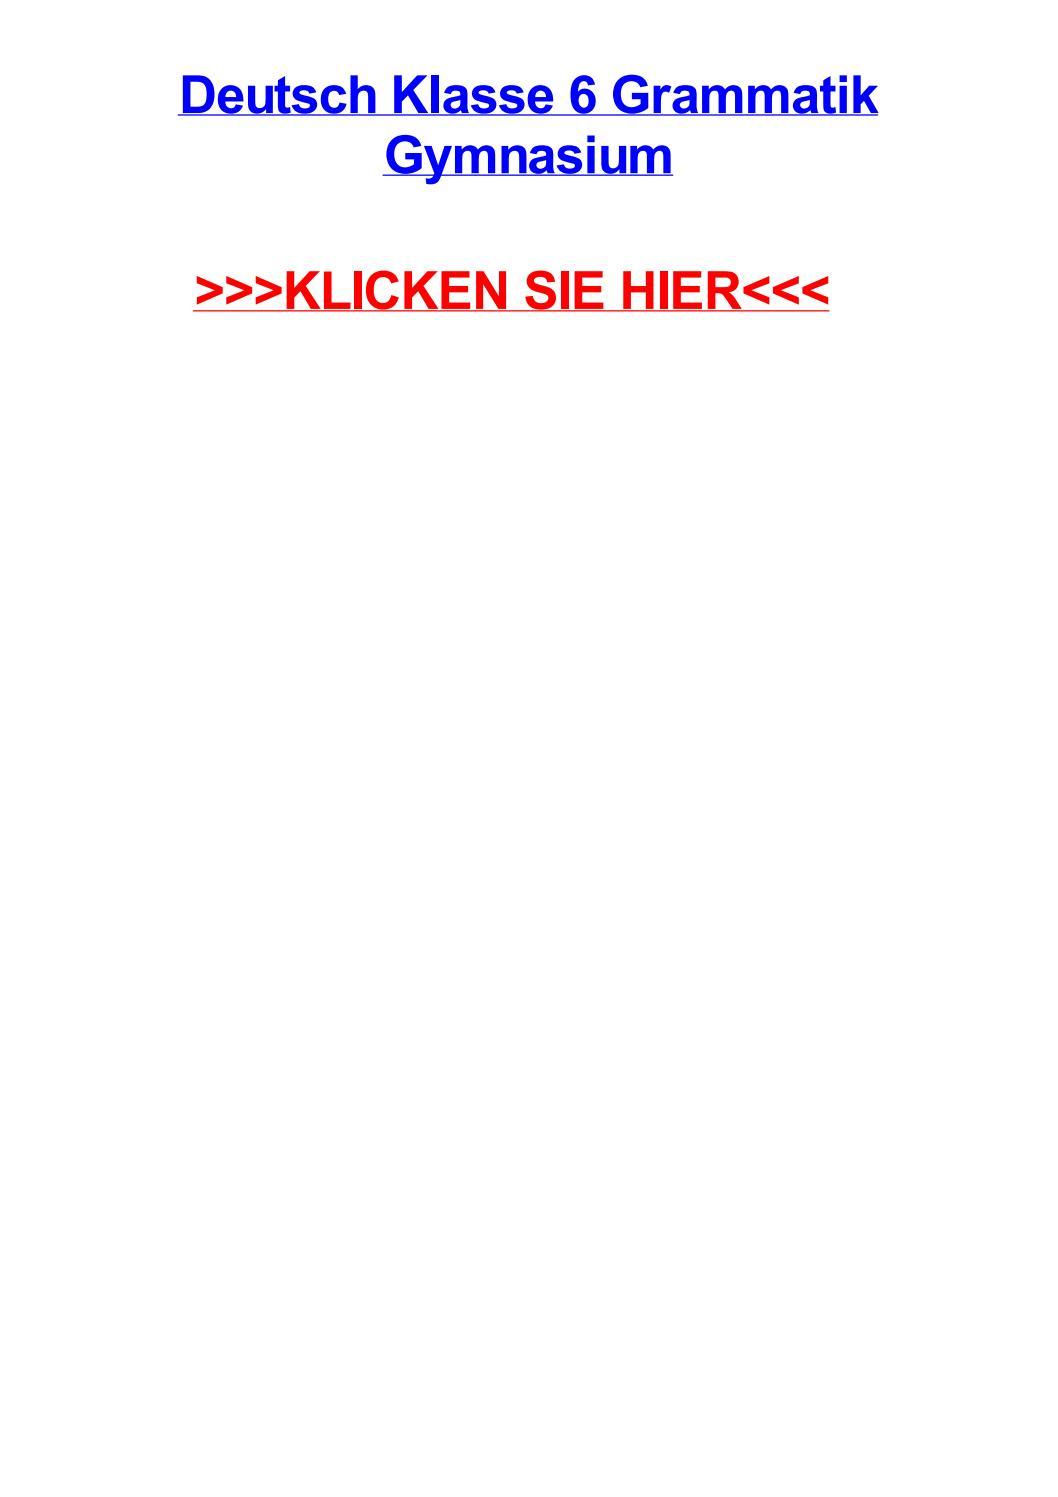 Erfreut Bootstrap Vorlagenanmeldung Galerie - Beispiel ...